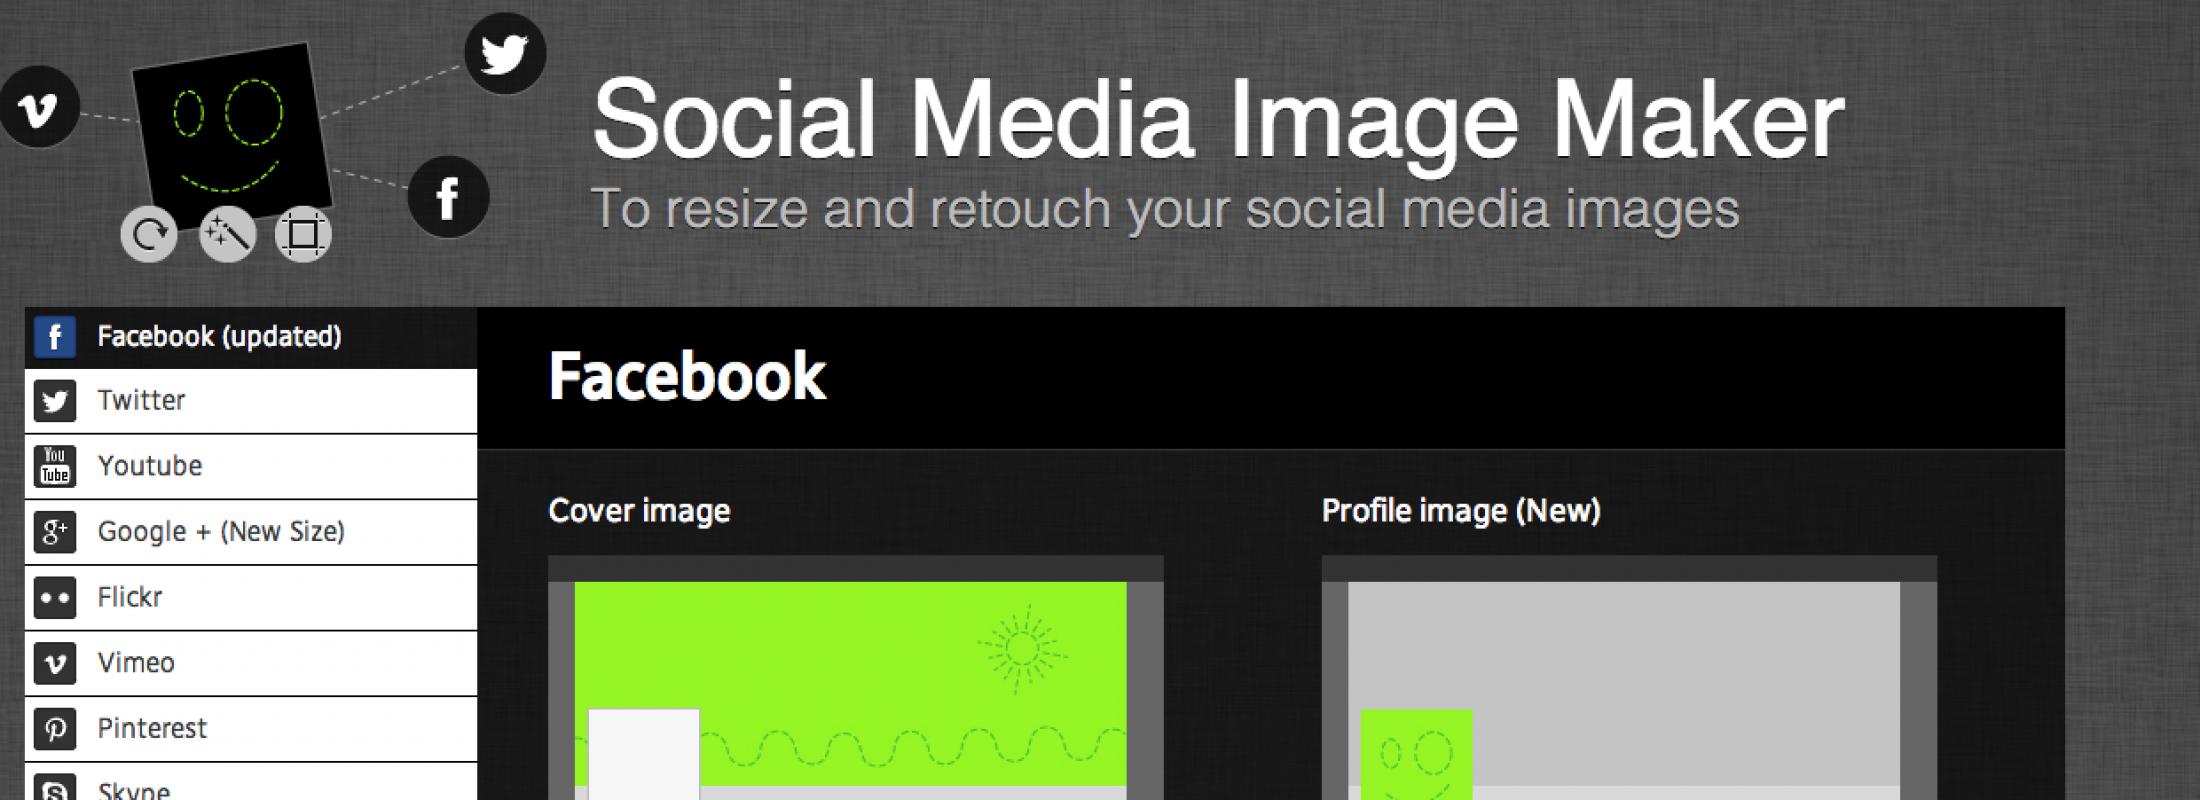 Cómo adaptar tu logo o imagen a todas las Redes Sociales en dos clicks | Social BlaBla